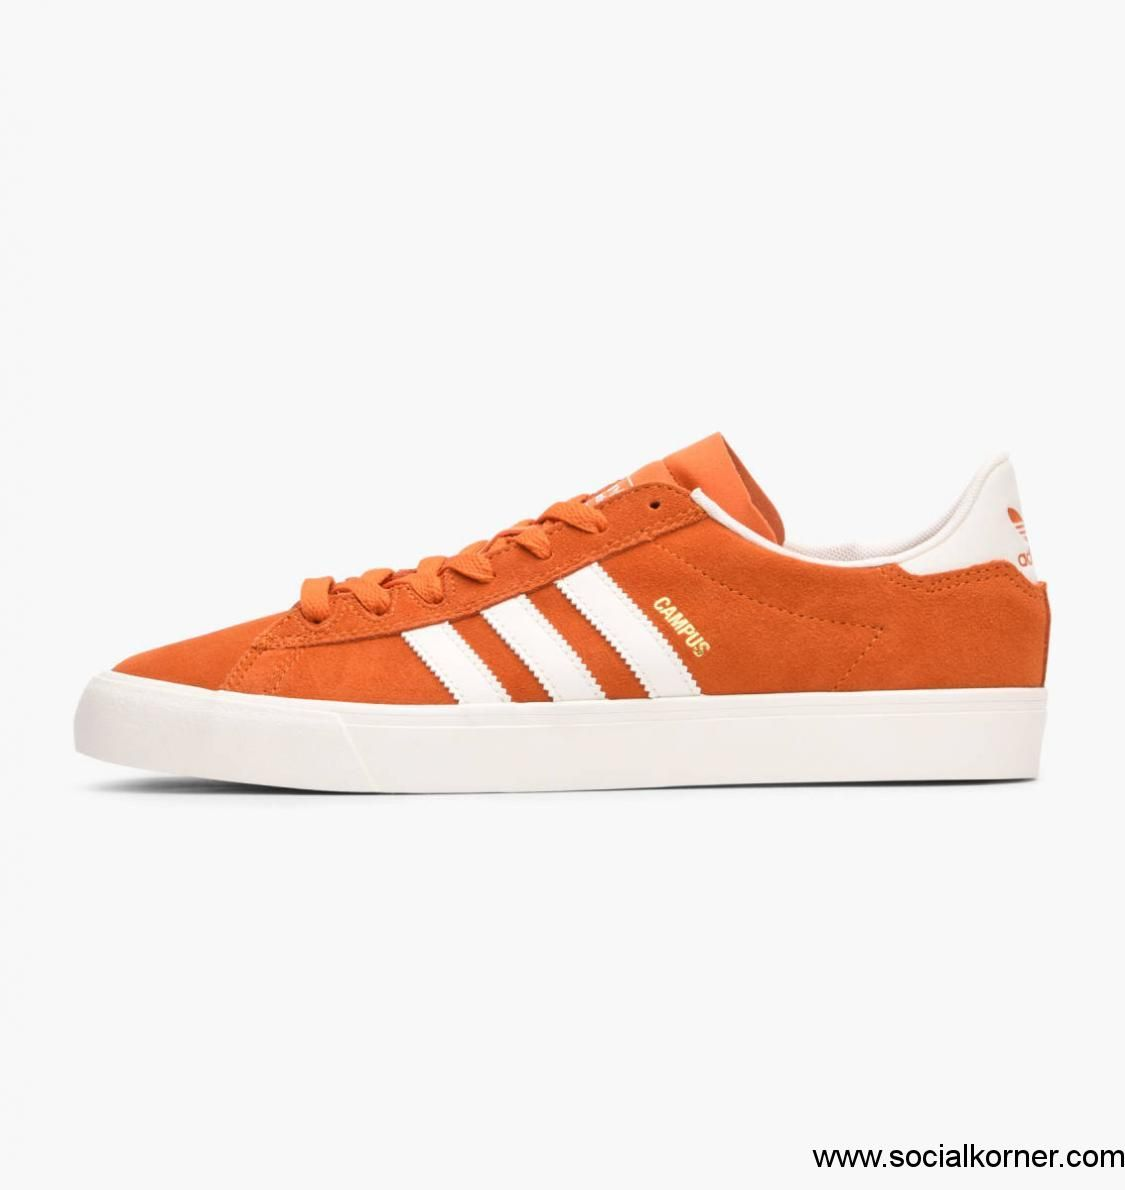 Adidas Campus Orange Vulc | Sneakers